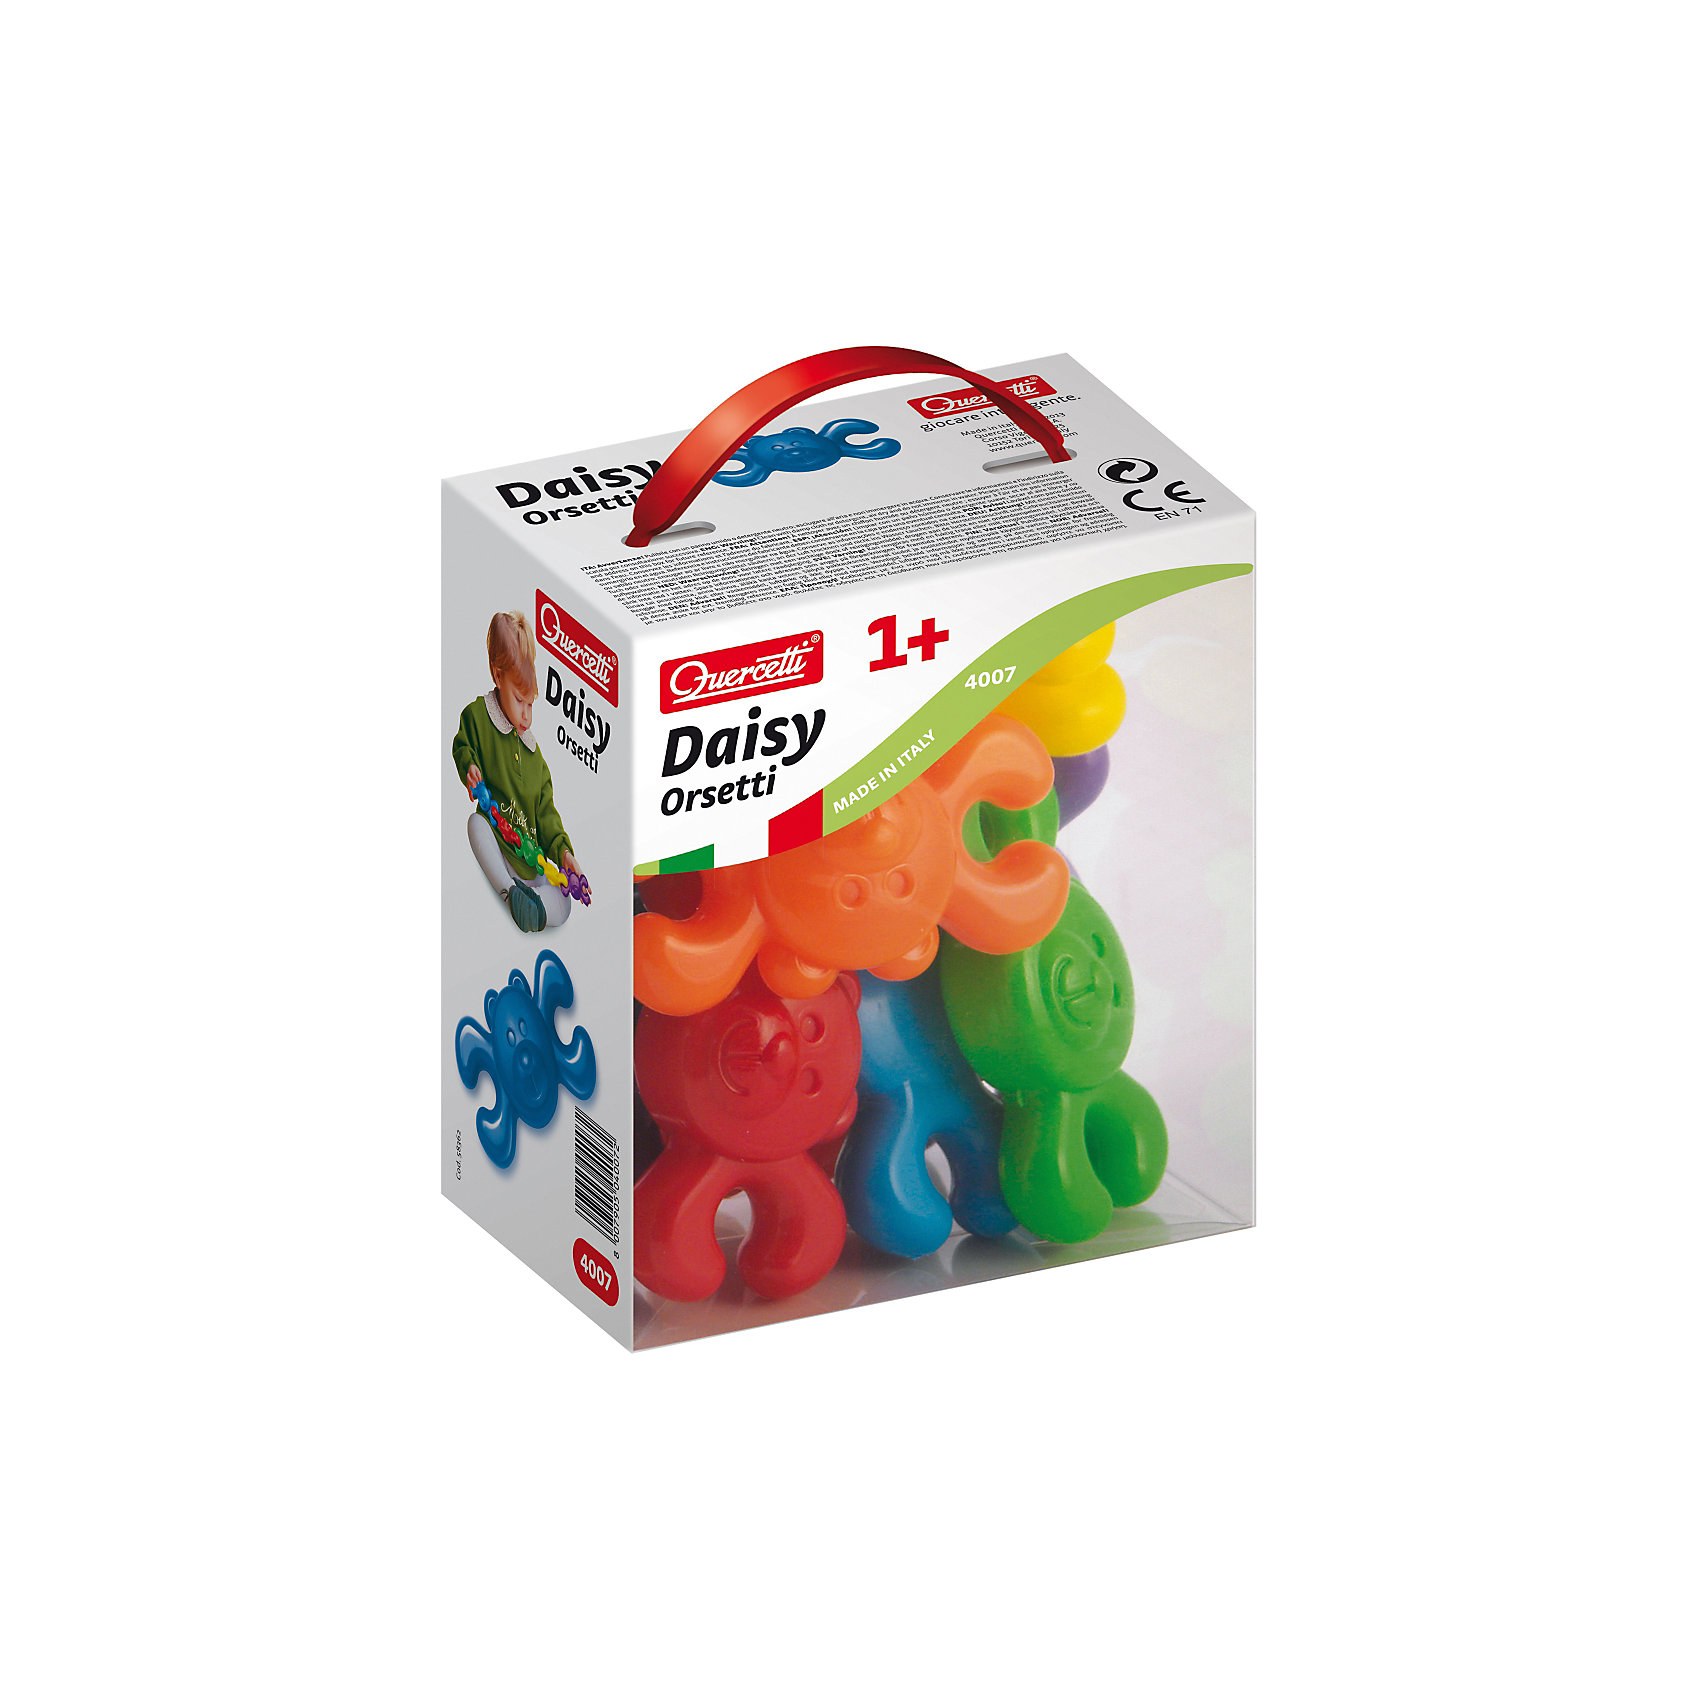 Конструктор Мишки, 8 деталей, QuercettiКонструктор Мишки, 8 деталей, Quercetti (Кверсетти).<br><br>Характеристики:<br><br>- В наборе: 10 фигурок мишек 6-ти различных цветов<br>- Материал: высококачественный пластик, окрашенный нетоксичными красками<br>- Упаковка: картонная коробка с ручкой<br>- Размер упаковки: 14х16х9 см.<br>- Вес: 200 гр.<br><br>Конструктор Мишки от Quercetti (Кверсетти) принесет множество позитивный эмоций вашему малышу. Яркие цветные детали в виде улыбающихся мишек привлекут внимание ребенка, а легкий вес позволит играть с ними очень долго. Все детали соединяются между собой при помощи универсальных креплений, позволяя малышу построить свою собственную конструкцию или цепочку. С помощью этого простейшего конструктора ваш малыш научится не только соединять детали, но и сортировать их по цвету. Удобные крупные детали безопасны для малышей и легко моются. Конструктор «Мишки» идеально подходит для развития мелкой моторики рук, тактильных ощущений и цветовосприятия, укрепляет и развивает координацию движений.<br><br>Конструктор Мишки, 8 деталей, Quercetti (Кверсетти) можно купить в нашем интернет-магазине.<br><br>Ширина мм: 140<br>Глубина мм: 90<br>Высота мм: 160<br>Вес г: 183<br>Возраст от месяцев: 12<br>Возраст до месяцев: 2147483647<br>Пол: Унисекс<br>Возраст: Детский<br>SKU: 5140068